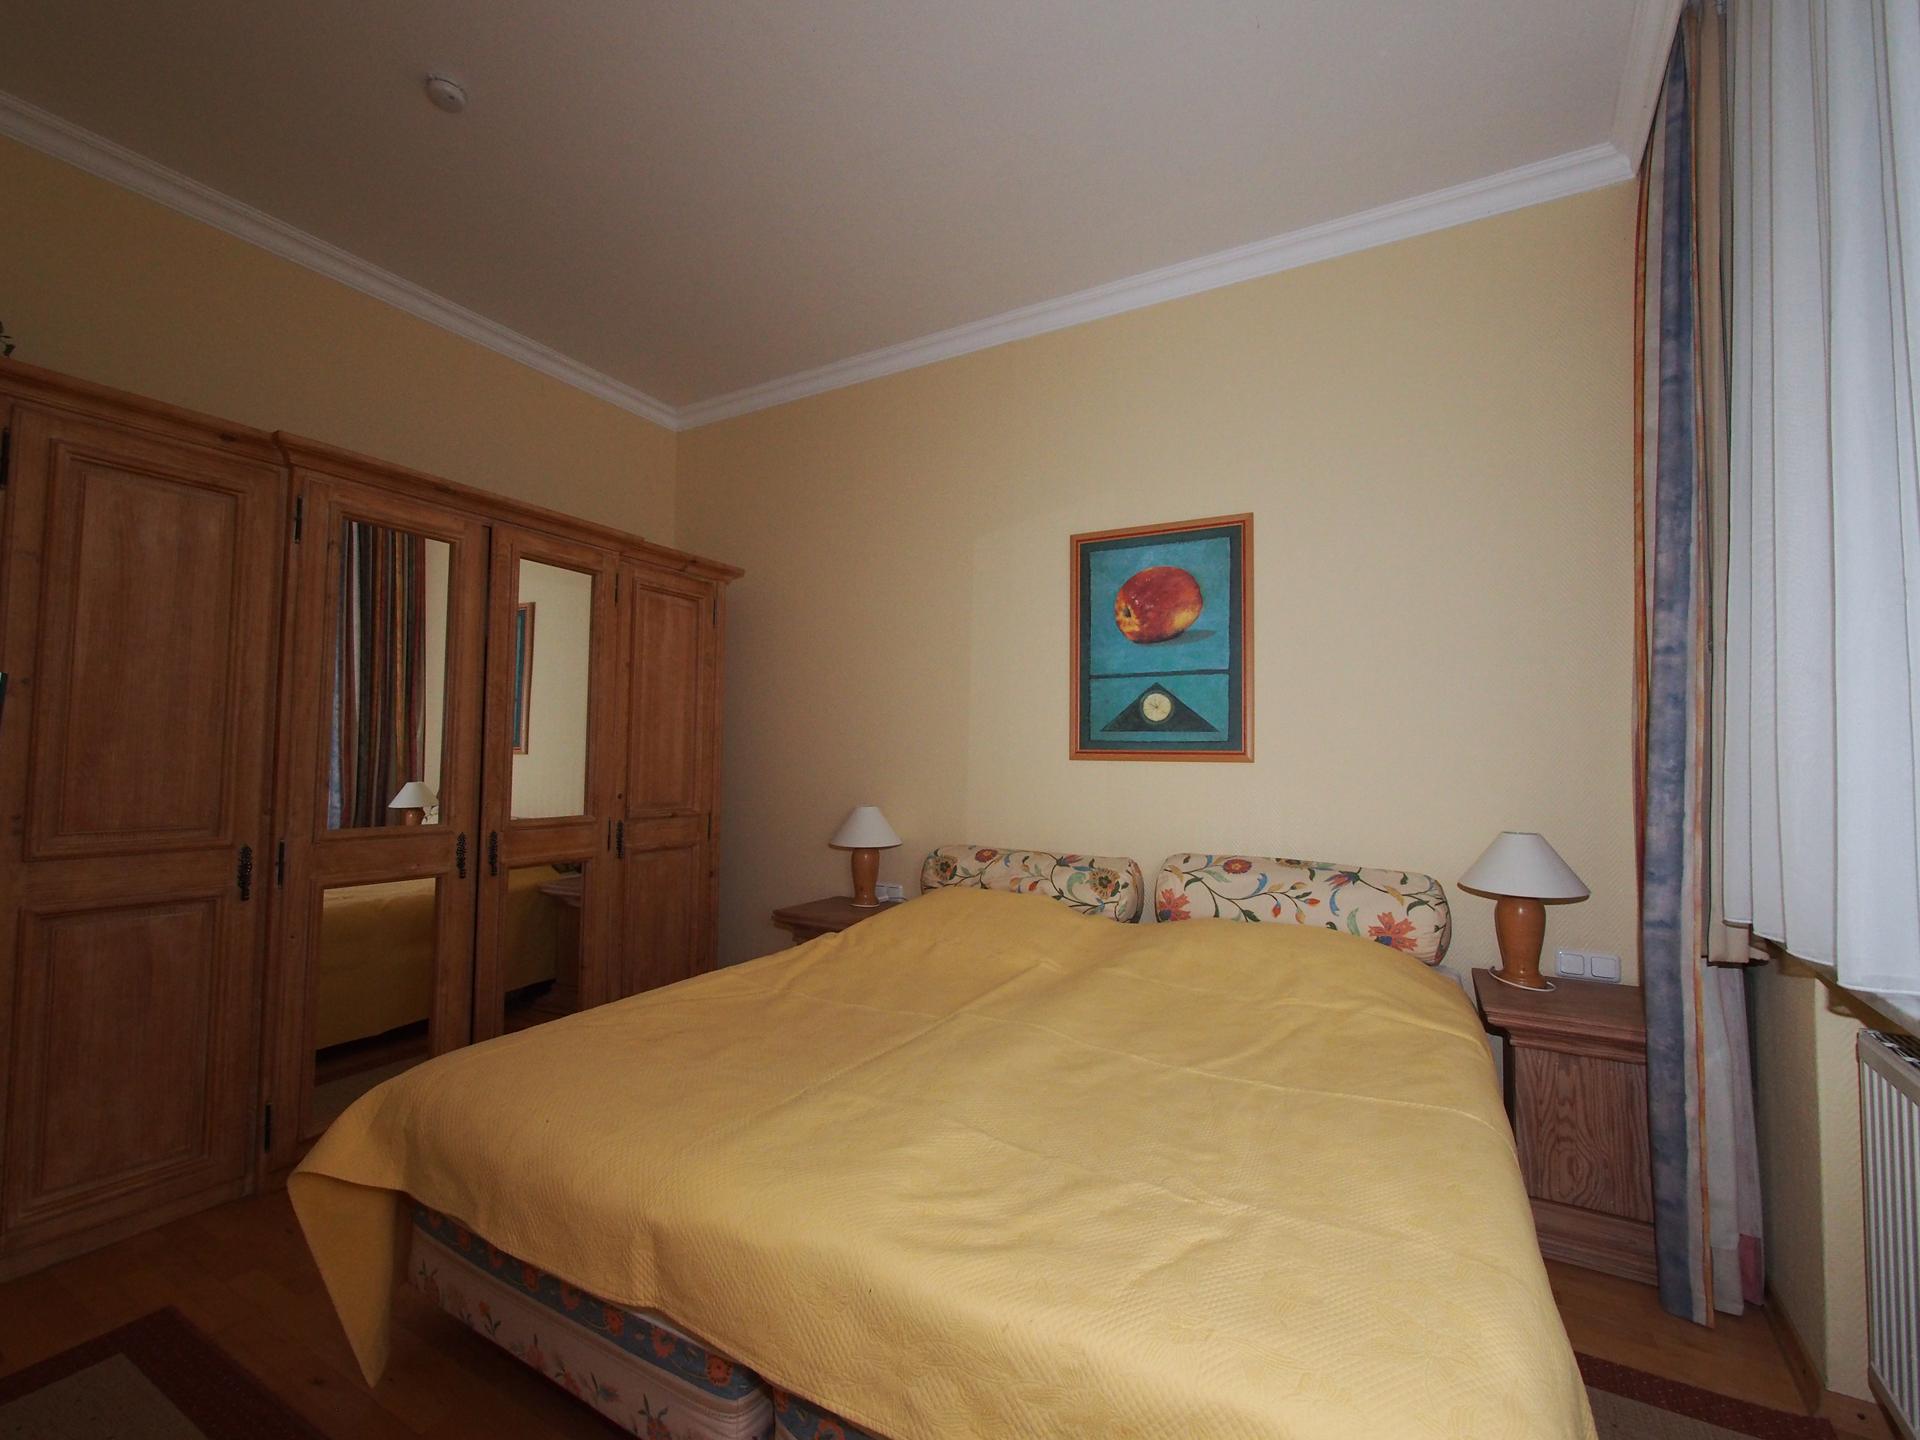 Das Echtholz Schlafzimmer mit Betten in 5 Sterne Hotelqualität